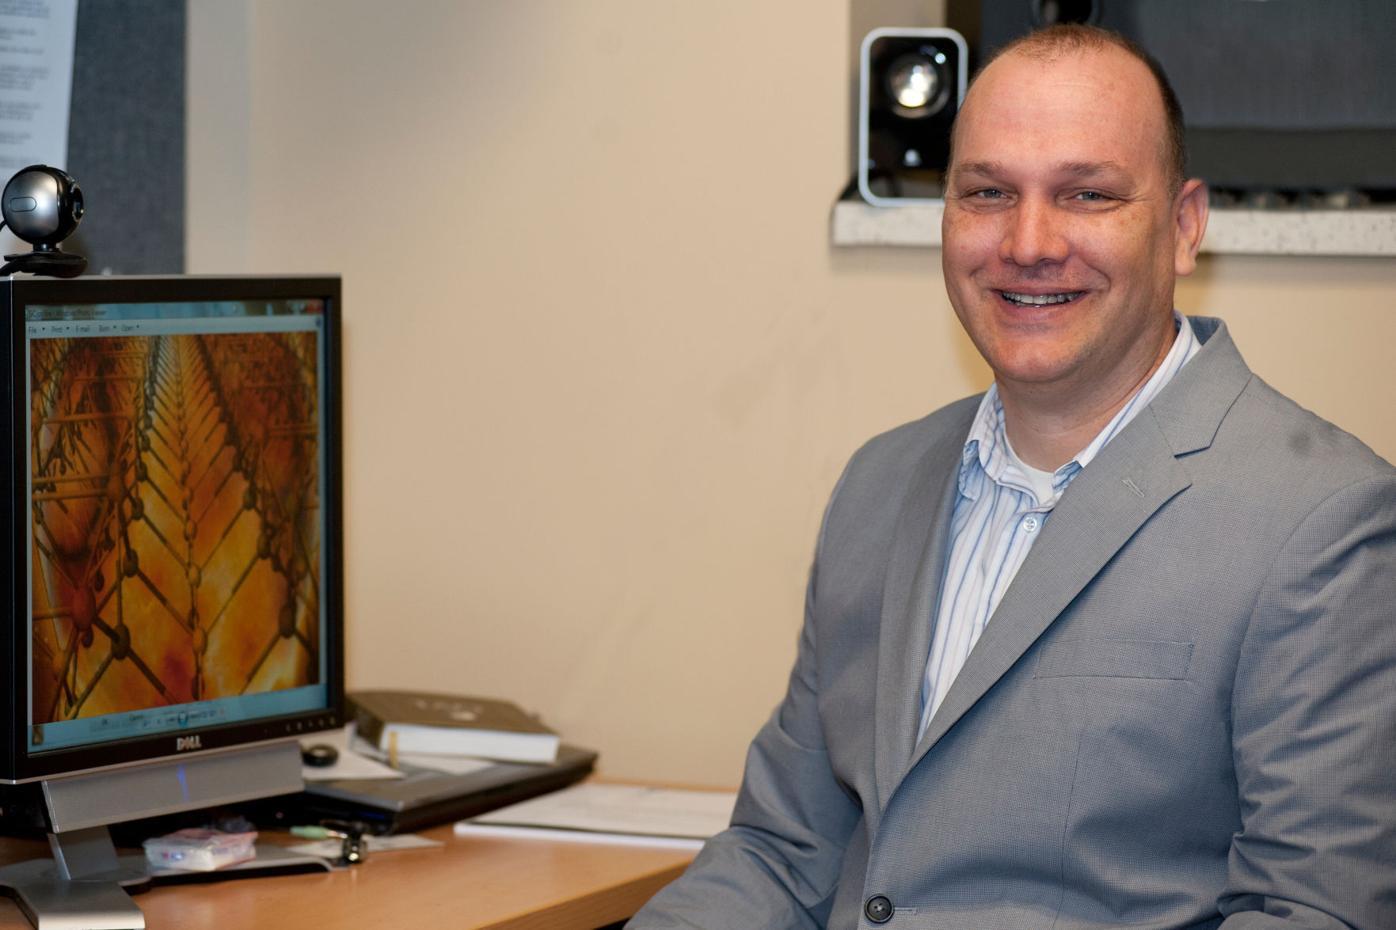 Dr. James Patrick Lewis